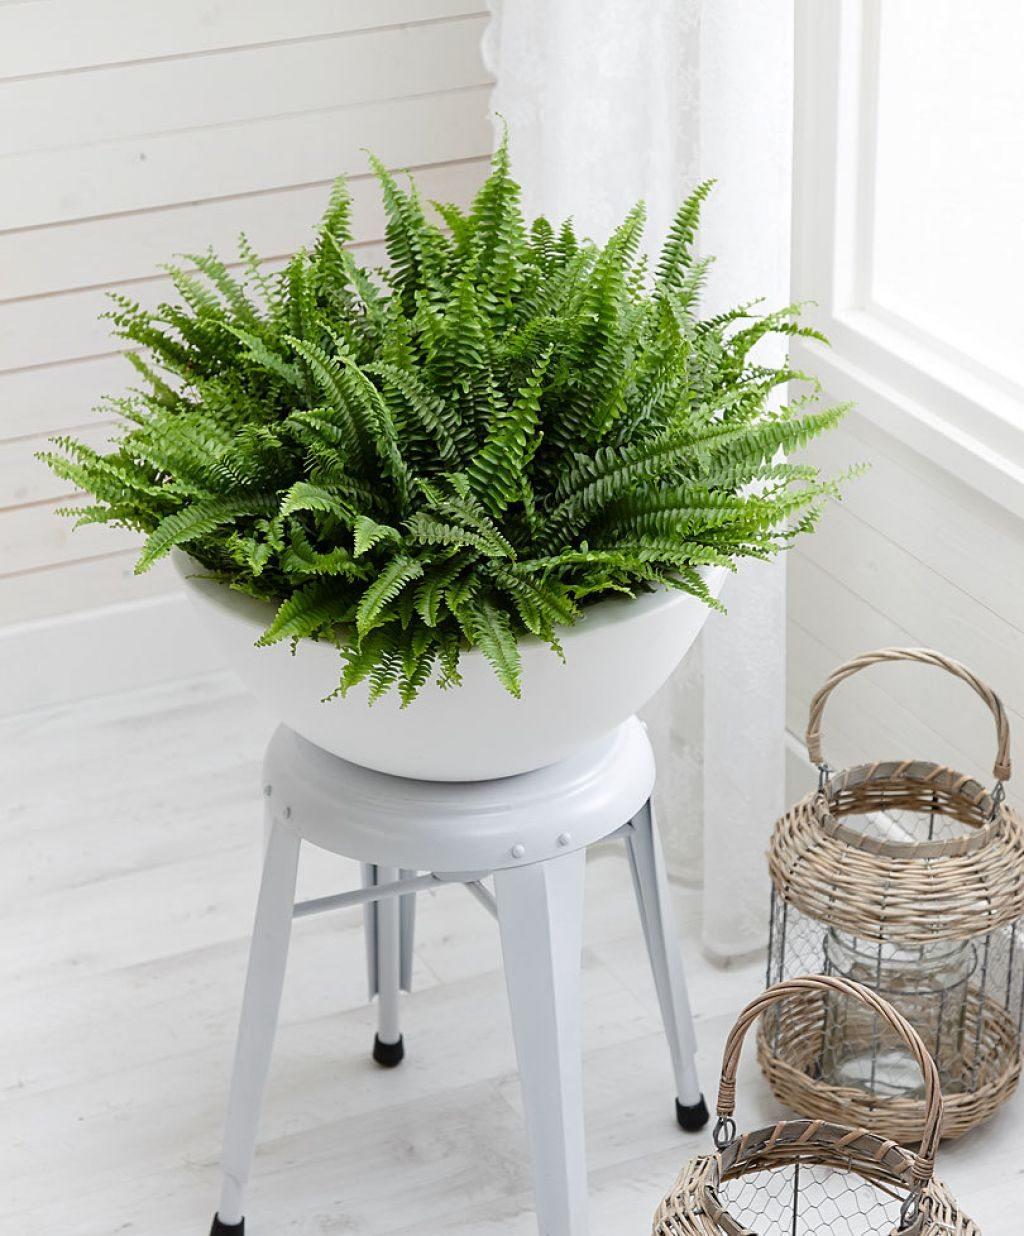 hình ảnh cận cảnh chậu cây dương xỉ đặt trên kệ màu trắng, cạnh đó là đèn nến với chụp đèn trong suốt